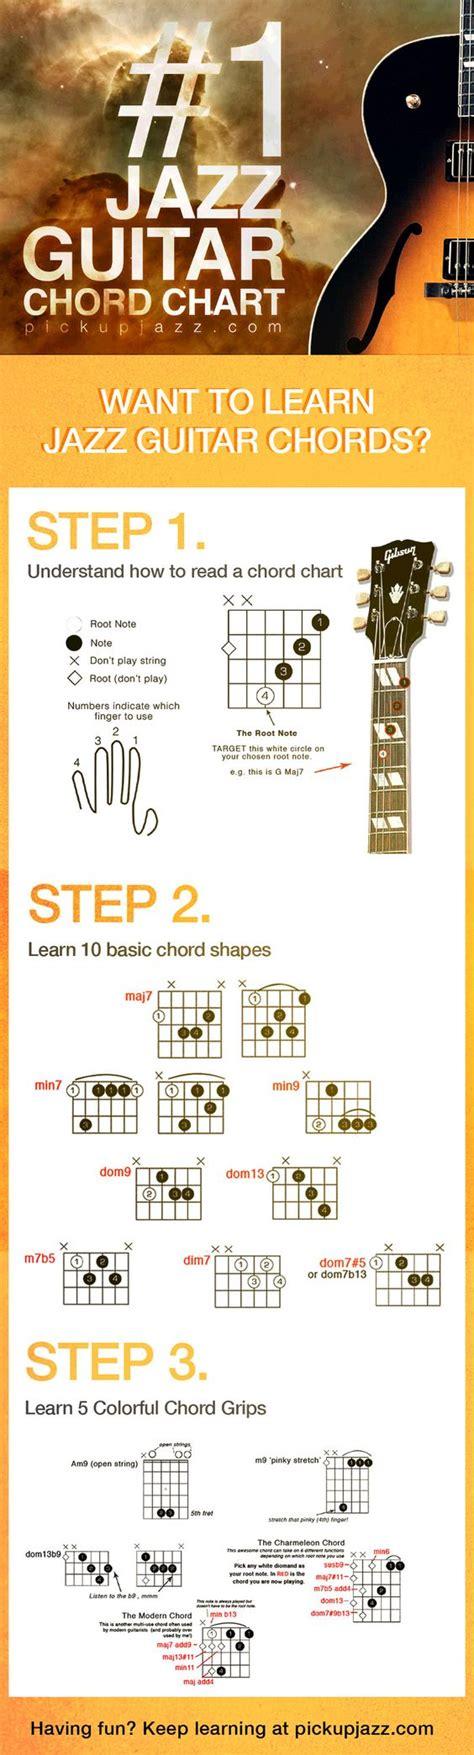 cara belajar kunci gitar jazz prinsip dasar belajar kunci gitar jazz yang harus dipahami